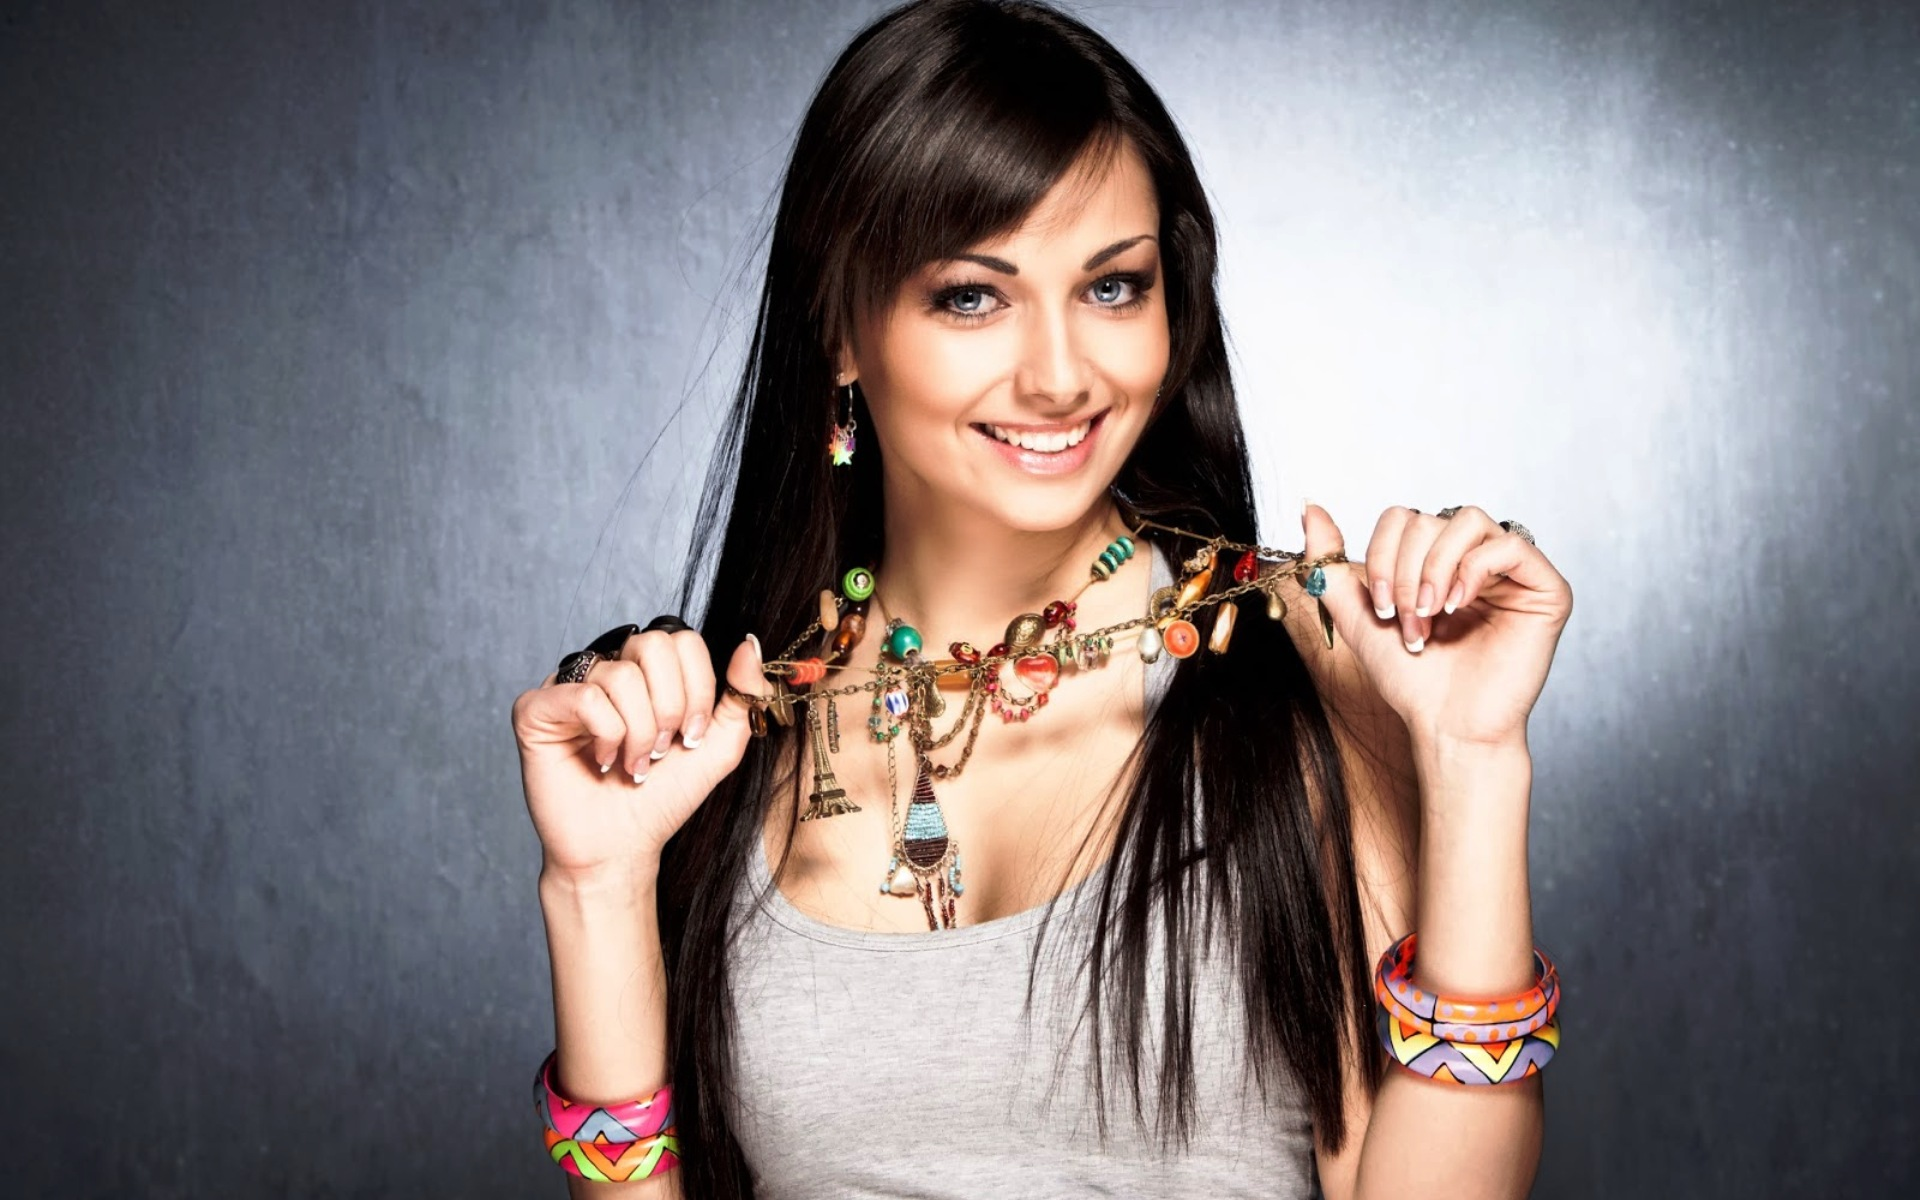 Фото девушка украшением на шее